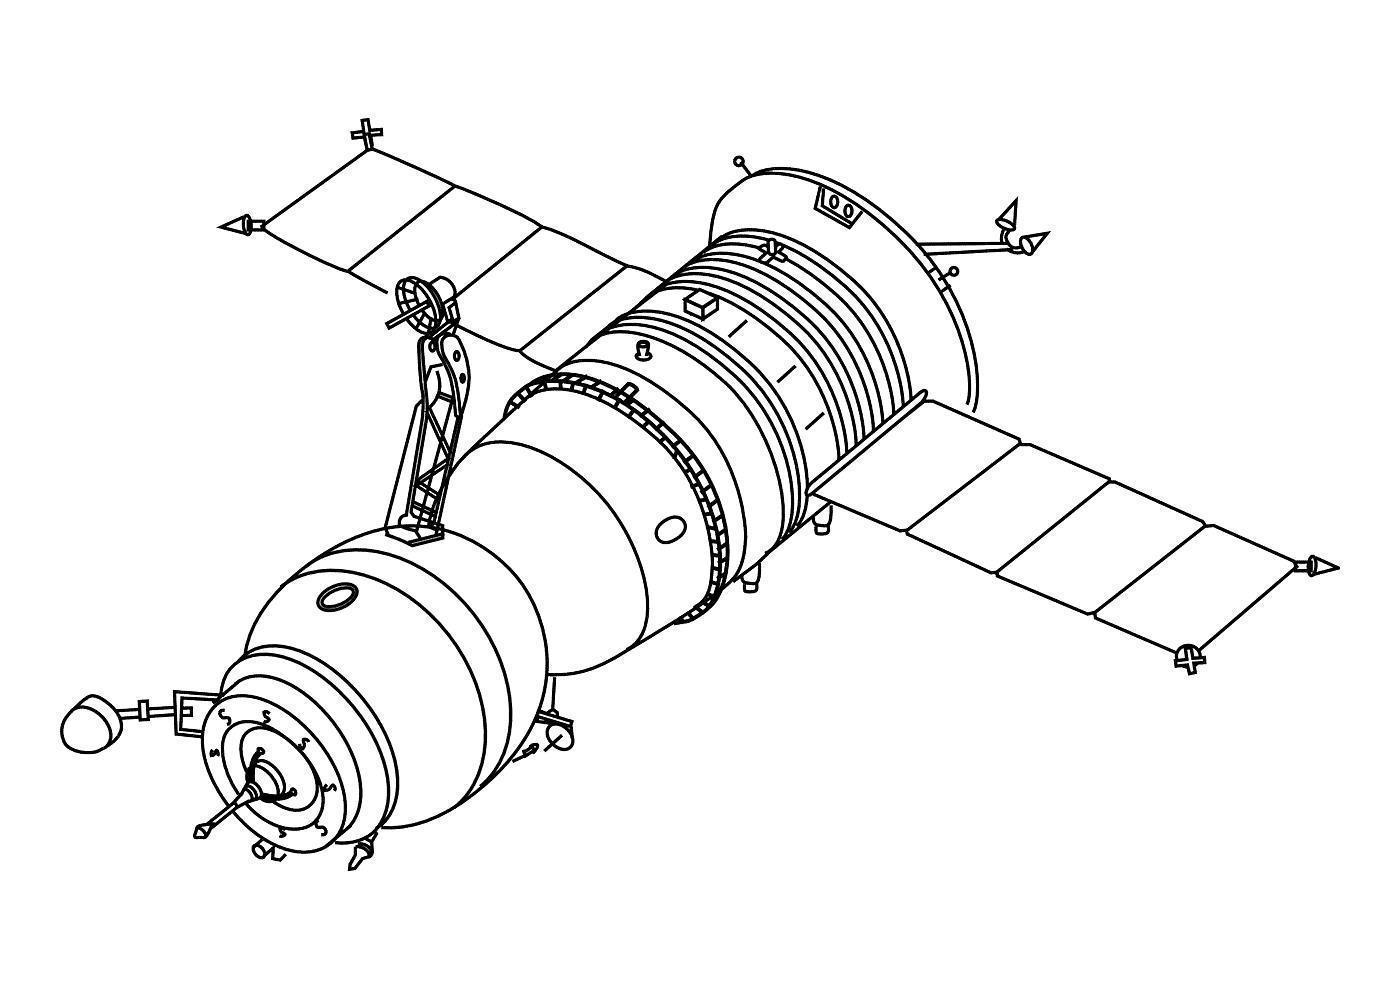 Спутник летает в космосе Скачать раскраски для мальчиков